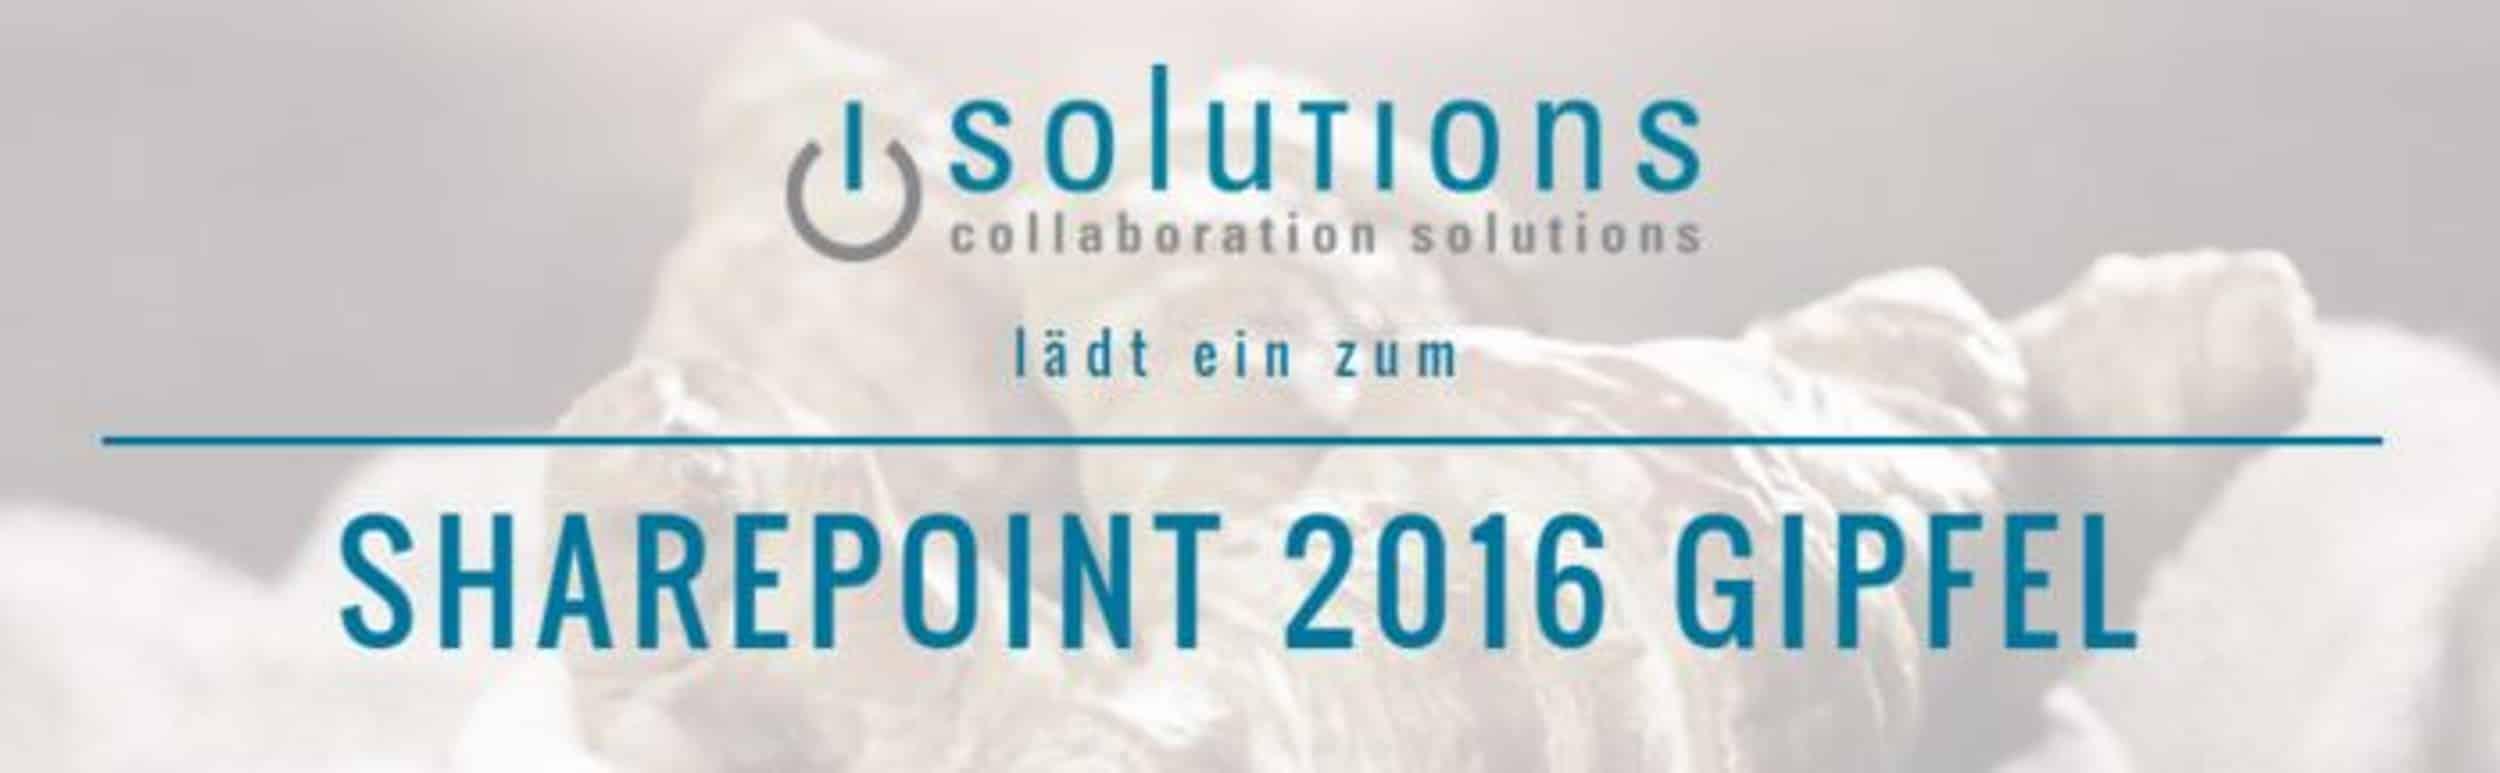 Einladung zum isolutions SharePoint 2016 Gipfel